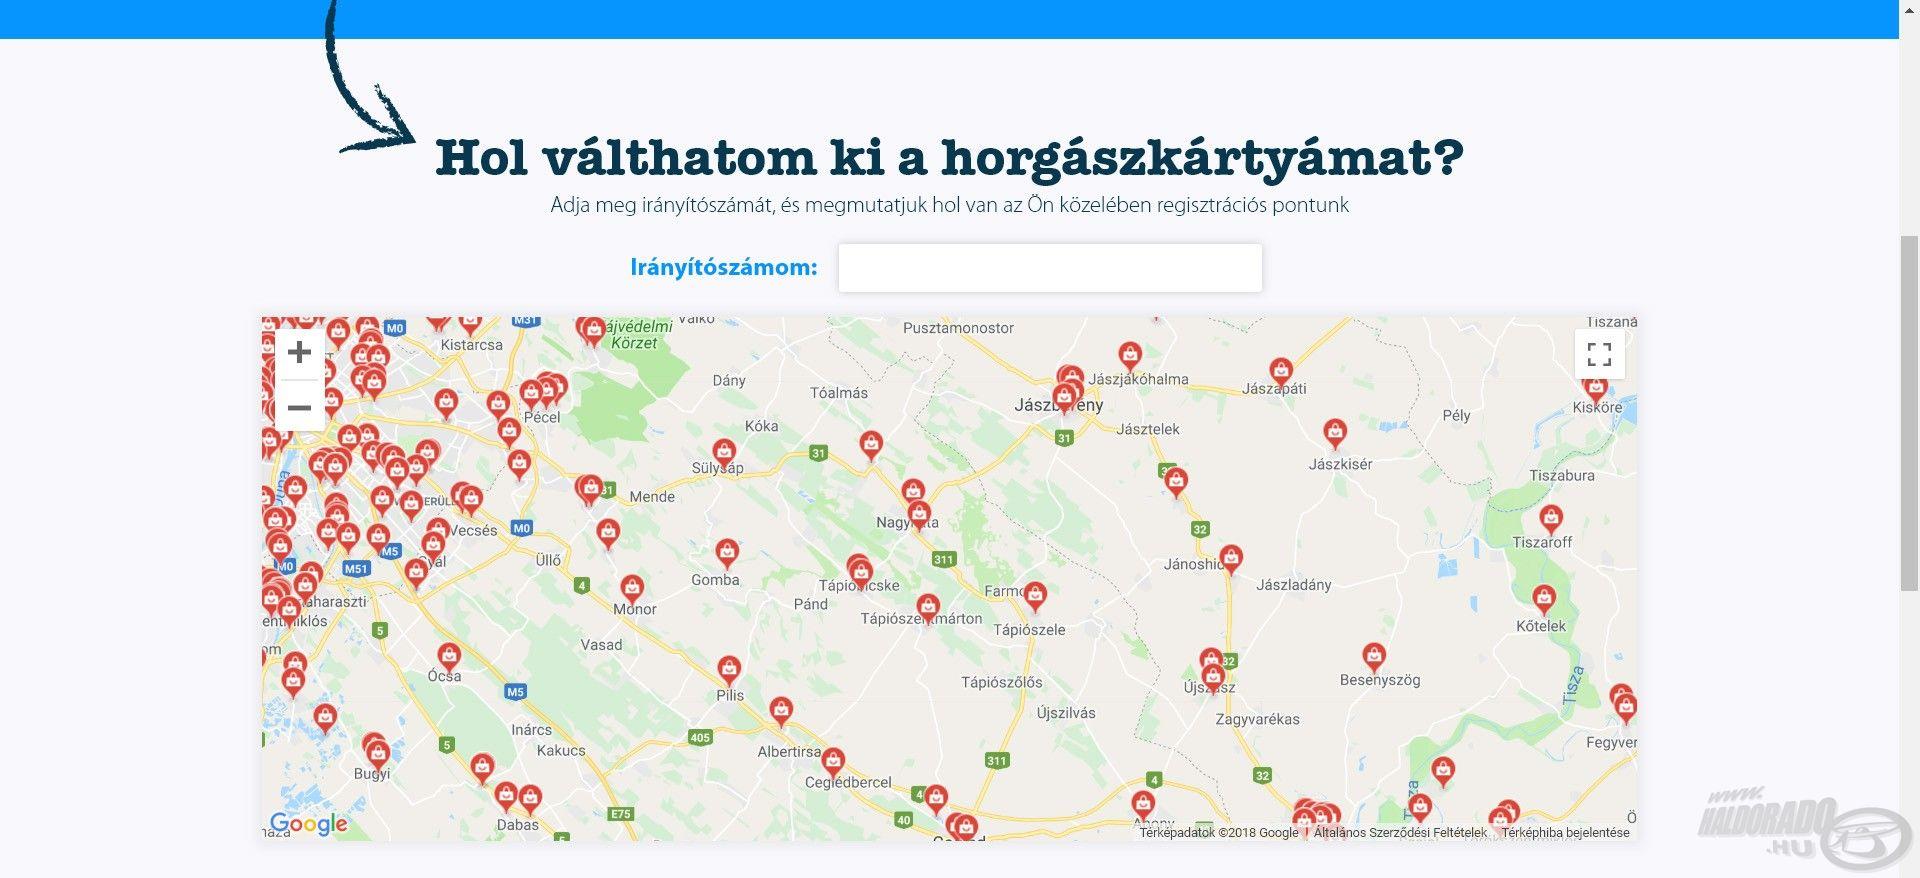 Ezt követően görgessünk kicsit lentebb és az itt található Google térkép a piros ikonokkal megmutatja, hol ejthetjük meg közelünkben a kártyaigénylést. Ha egy ikonra rátesszük a kurzort, bővebb információt is láthatunk a megjelölt helyről